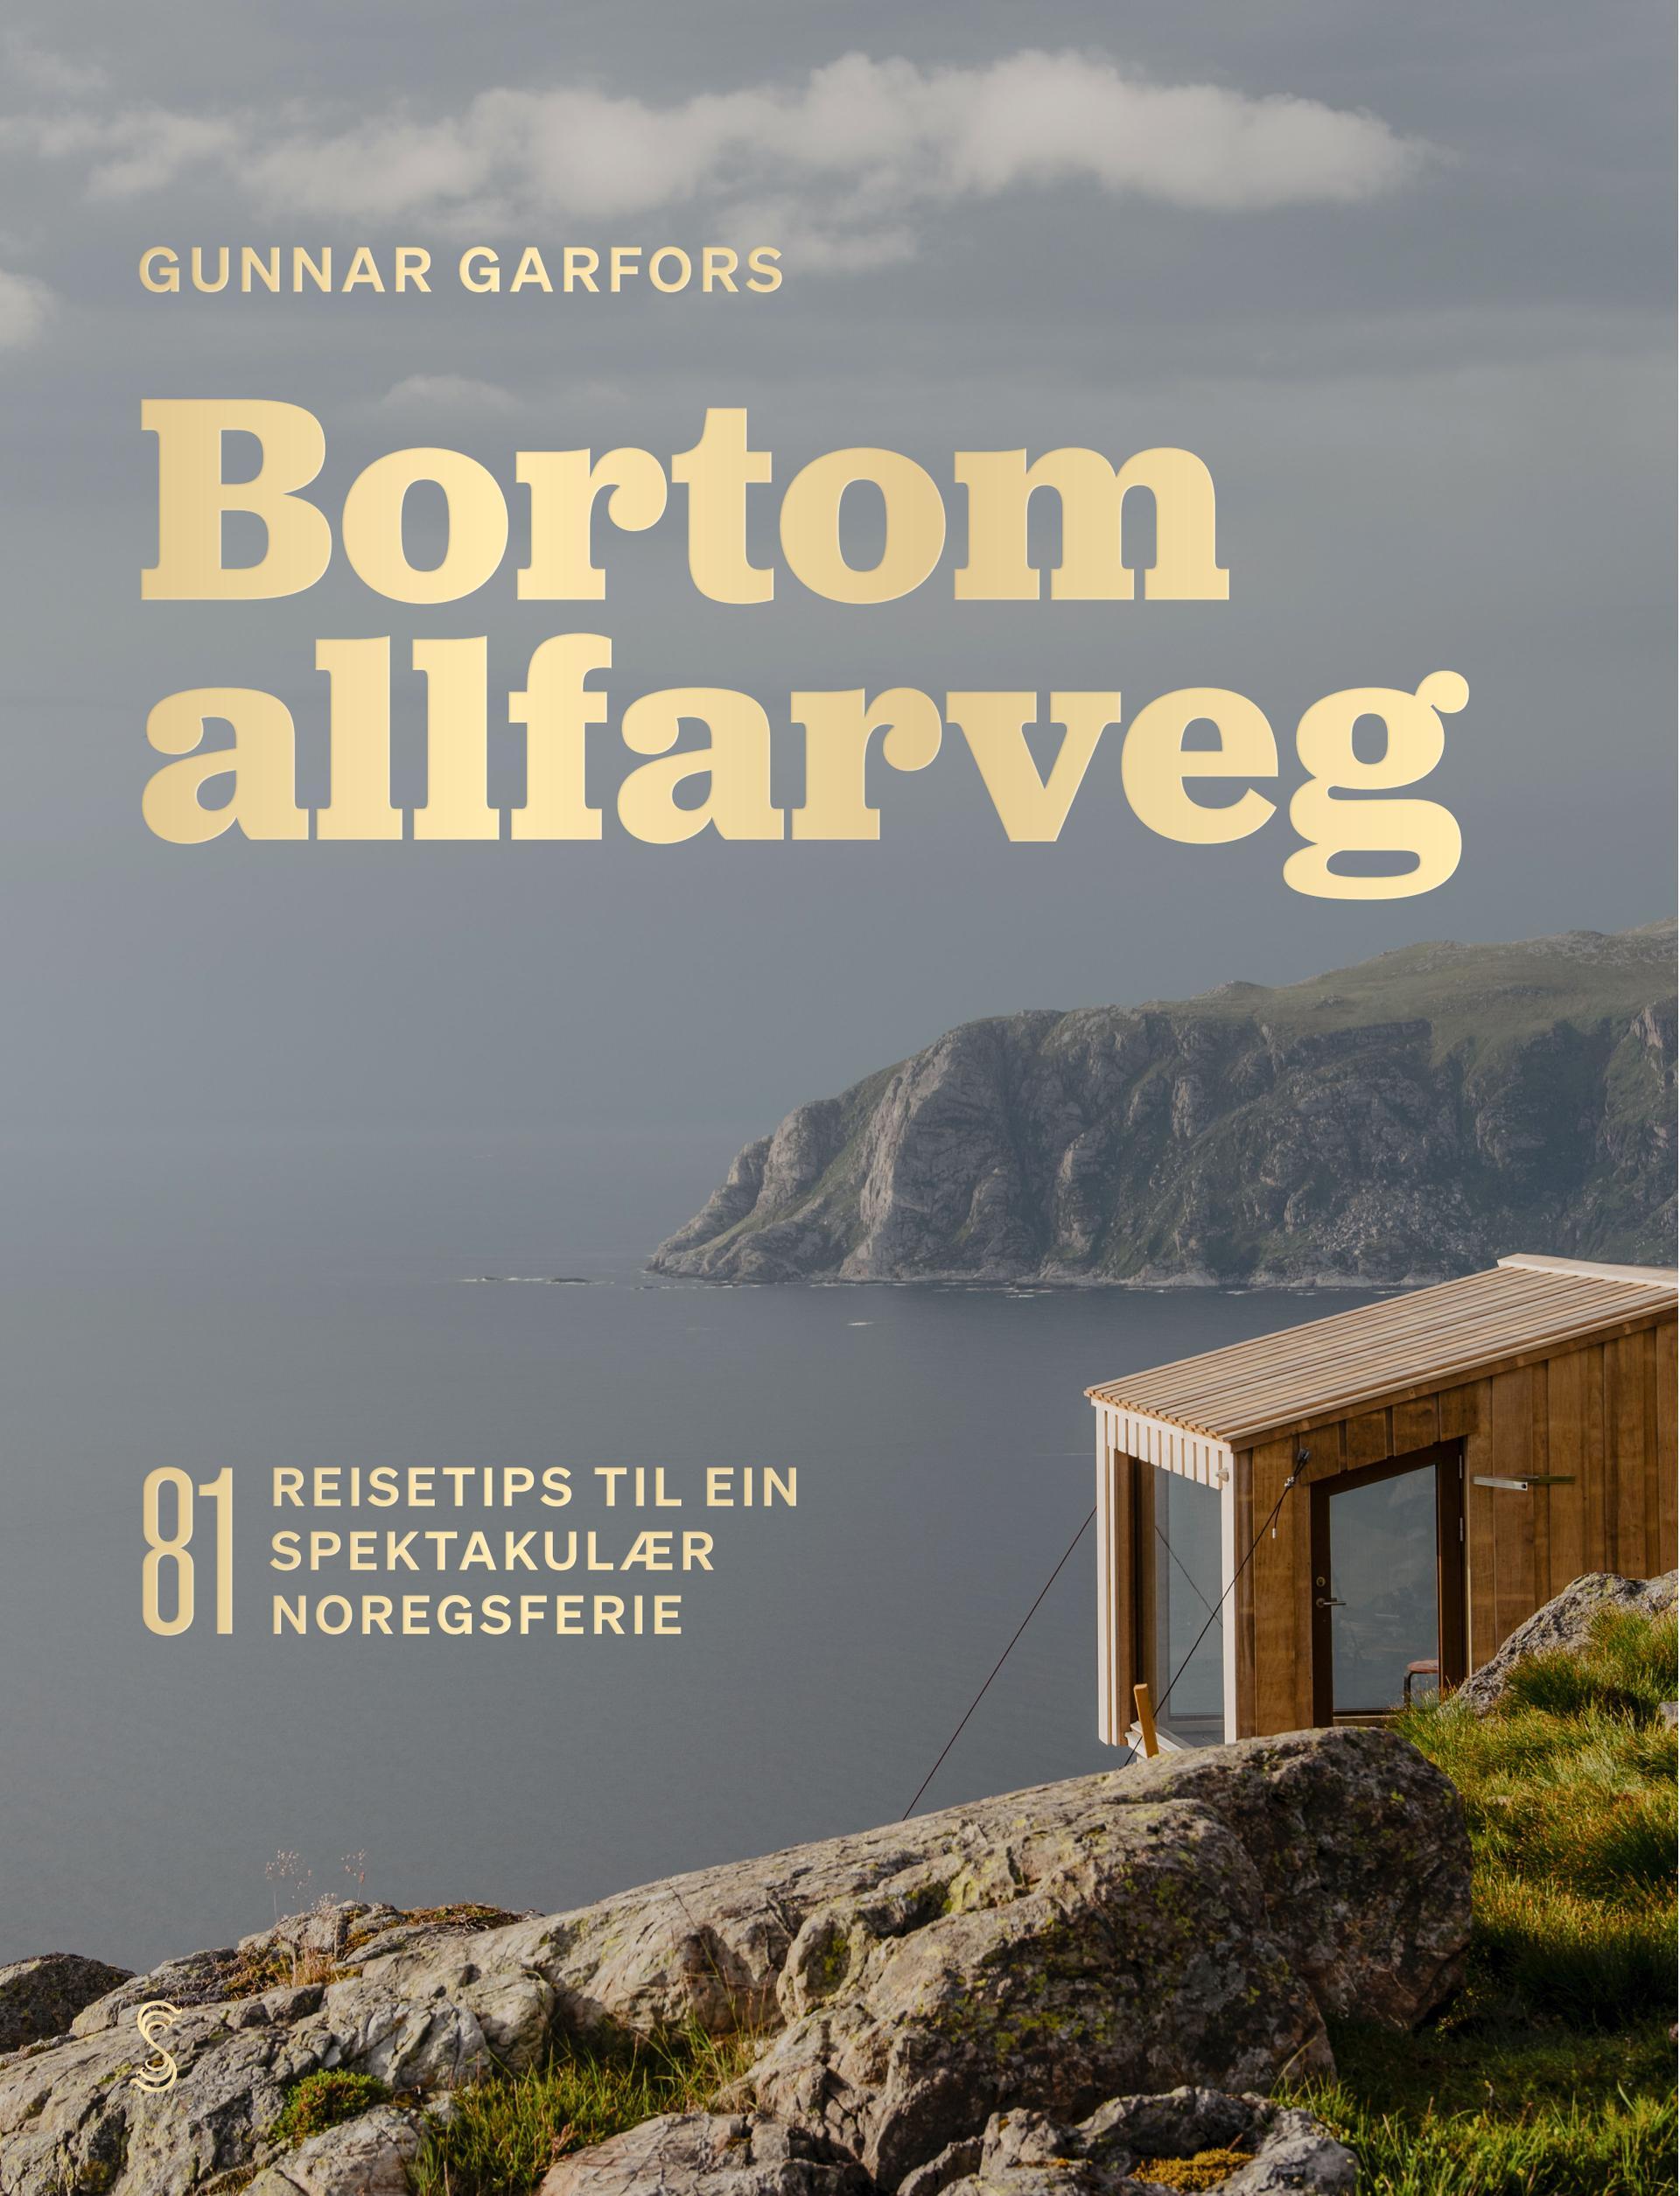 Bortom allfarveg av Gunnar Garfors. Reisebok om Norgesferien.